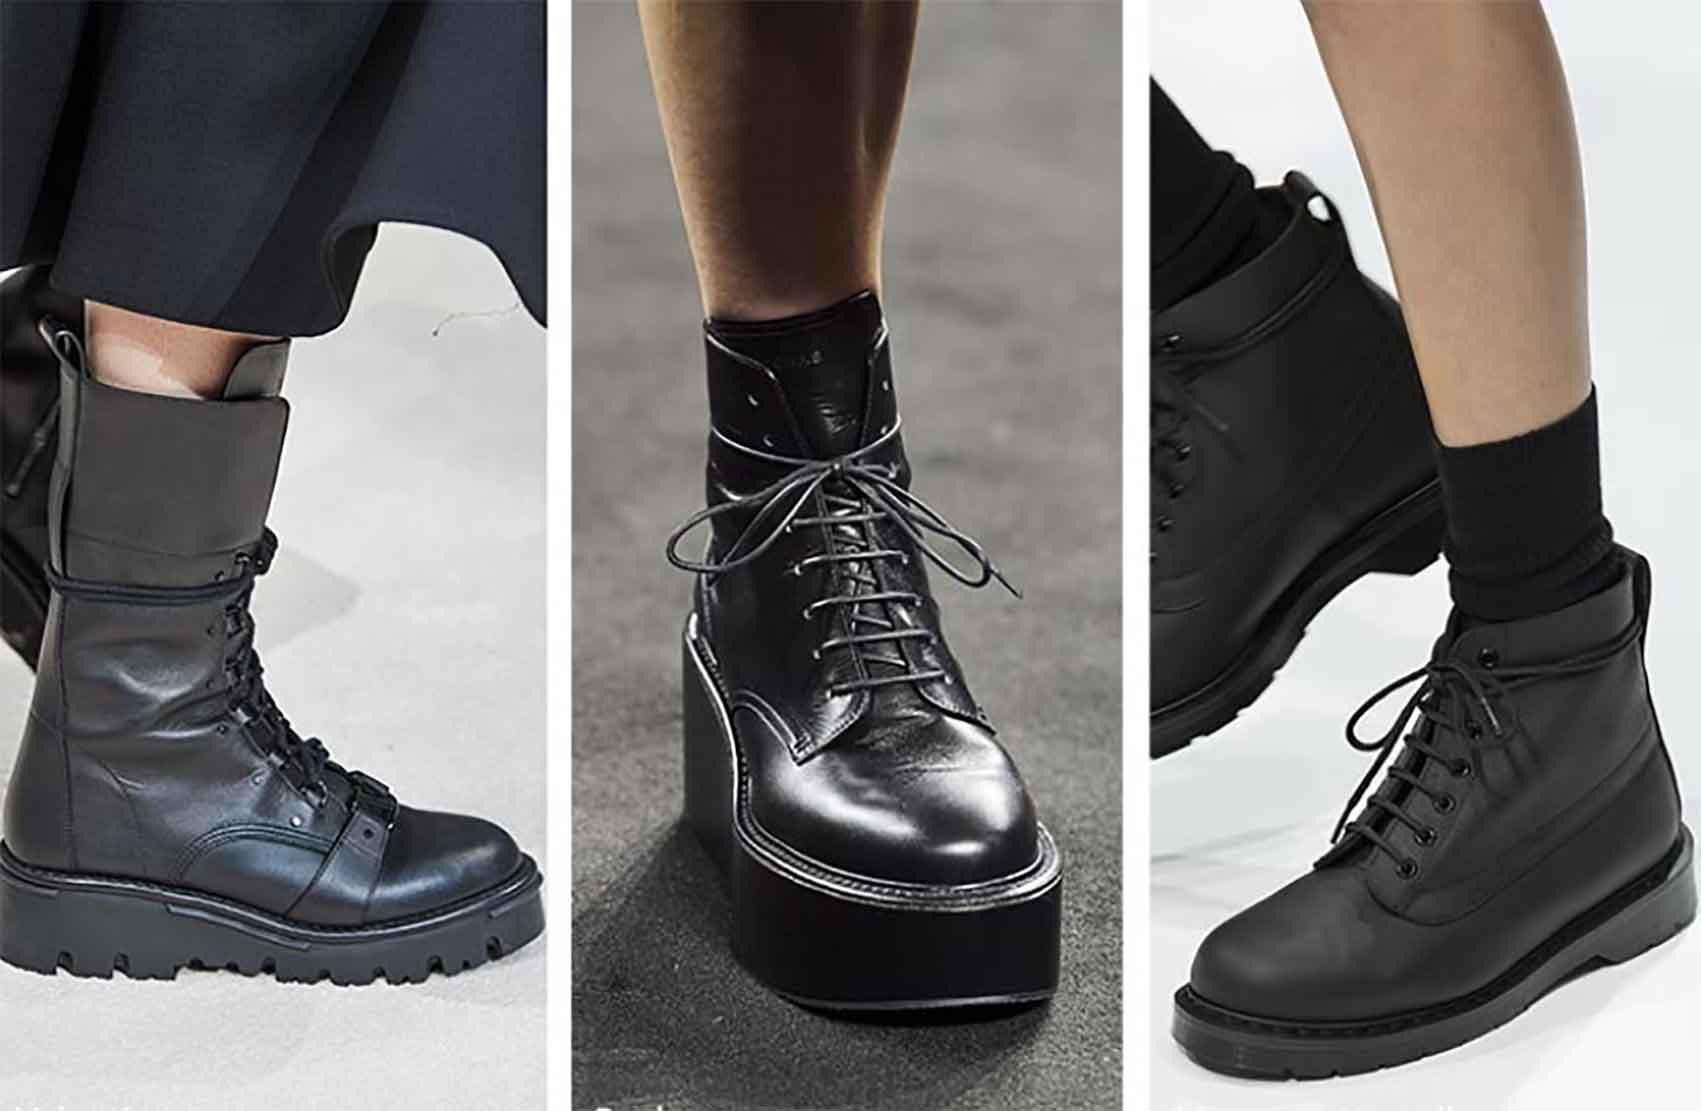 _מגזין_אופנה_DR.-MARTENS_נעלי_דר_מרטינס_טרנדים_נשים_2021